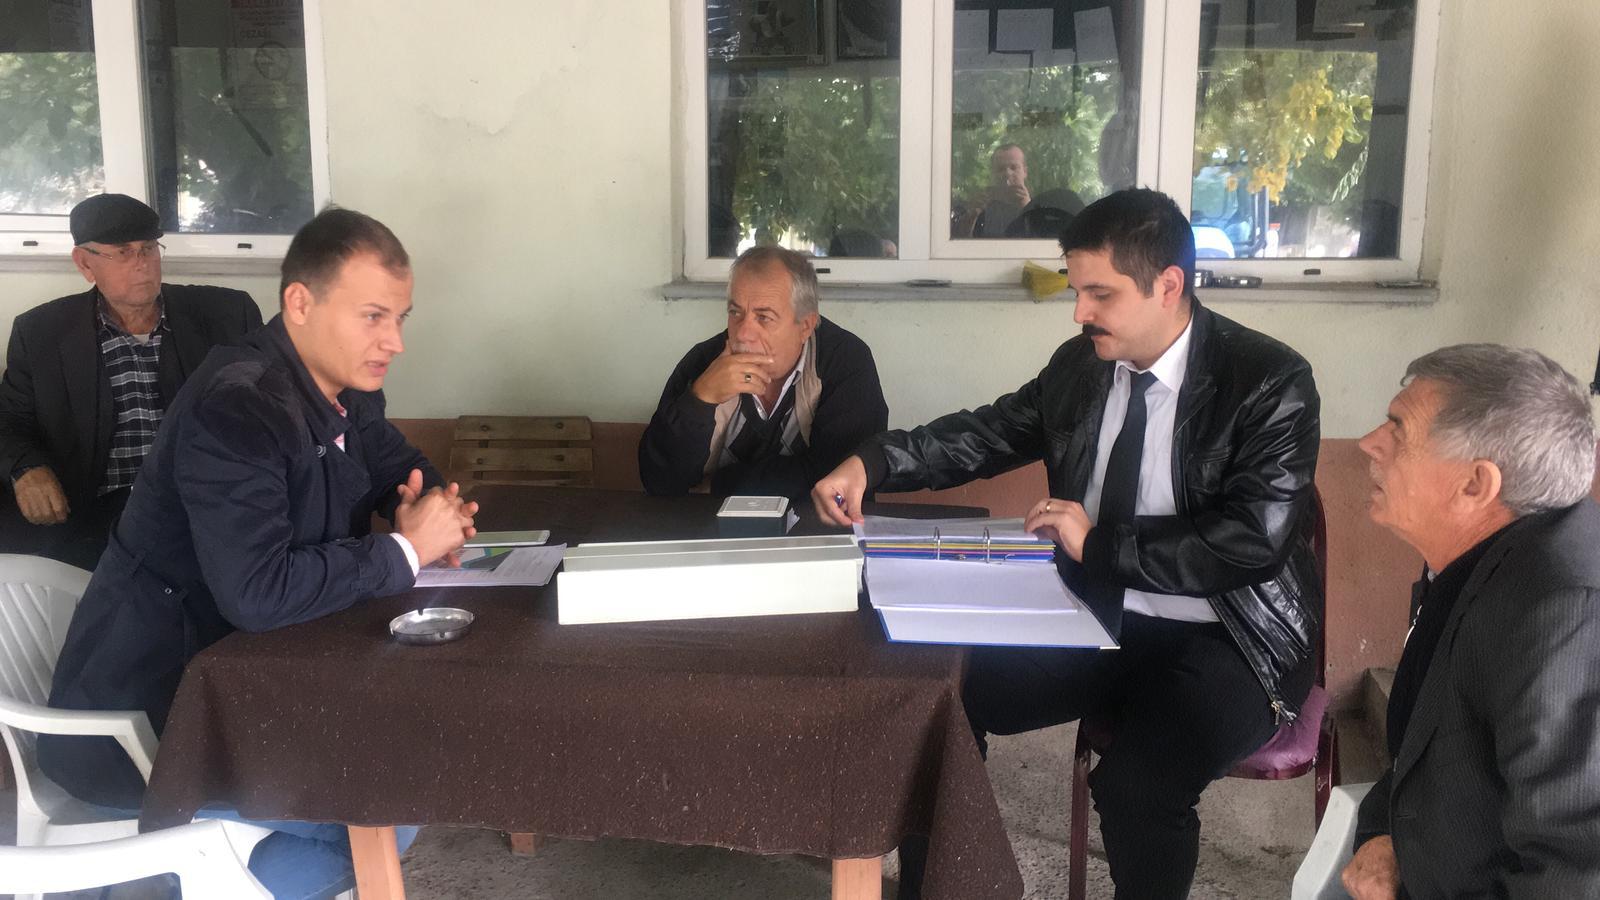 İl Müdürlüğümüz Tarafından Vize İlçesi Köylerinde İmar Barışı ve 387 Sıra Sayılı Milli Emlak Genel Tebliği Kapsamında Bilgilendirme Toplantıları Yapılmıştır